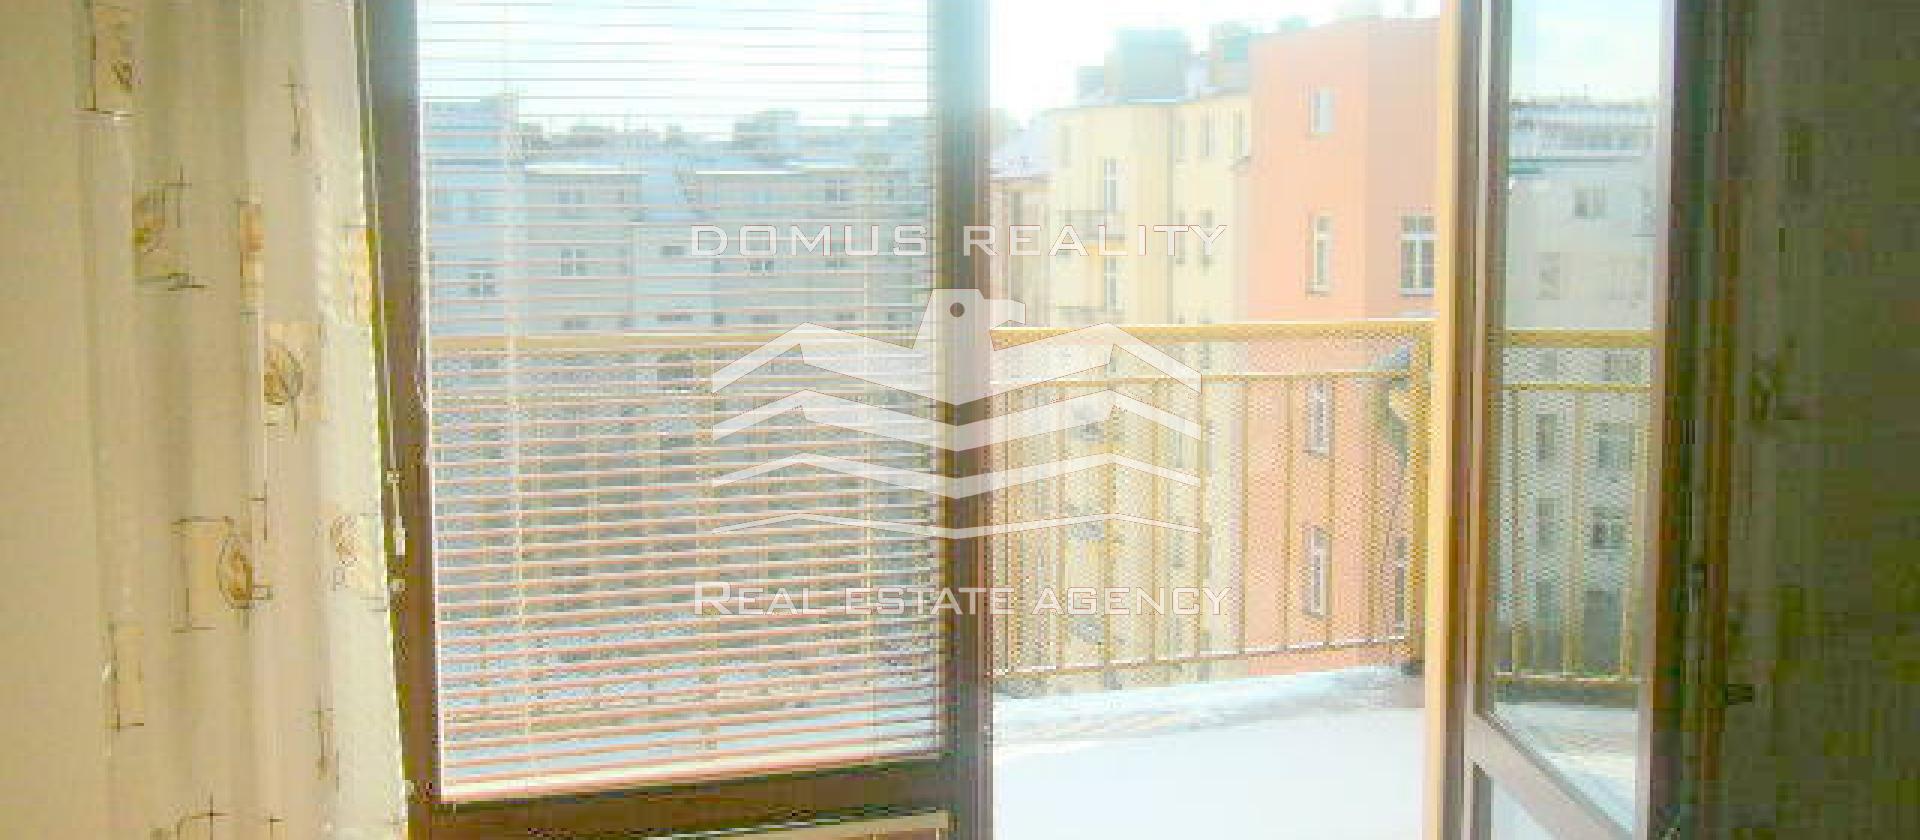 Velmi krásný, prostorný mezonetový byt situačně je řešen jako 4+kk s neprůchozími pokoj